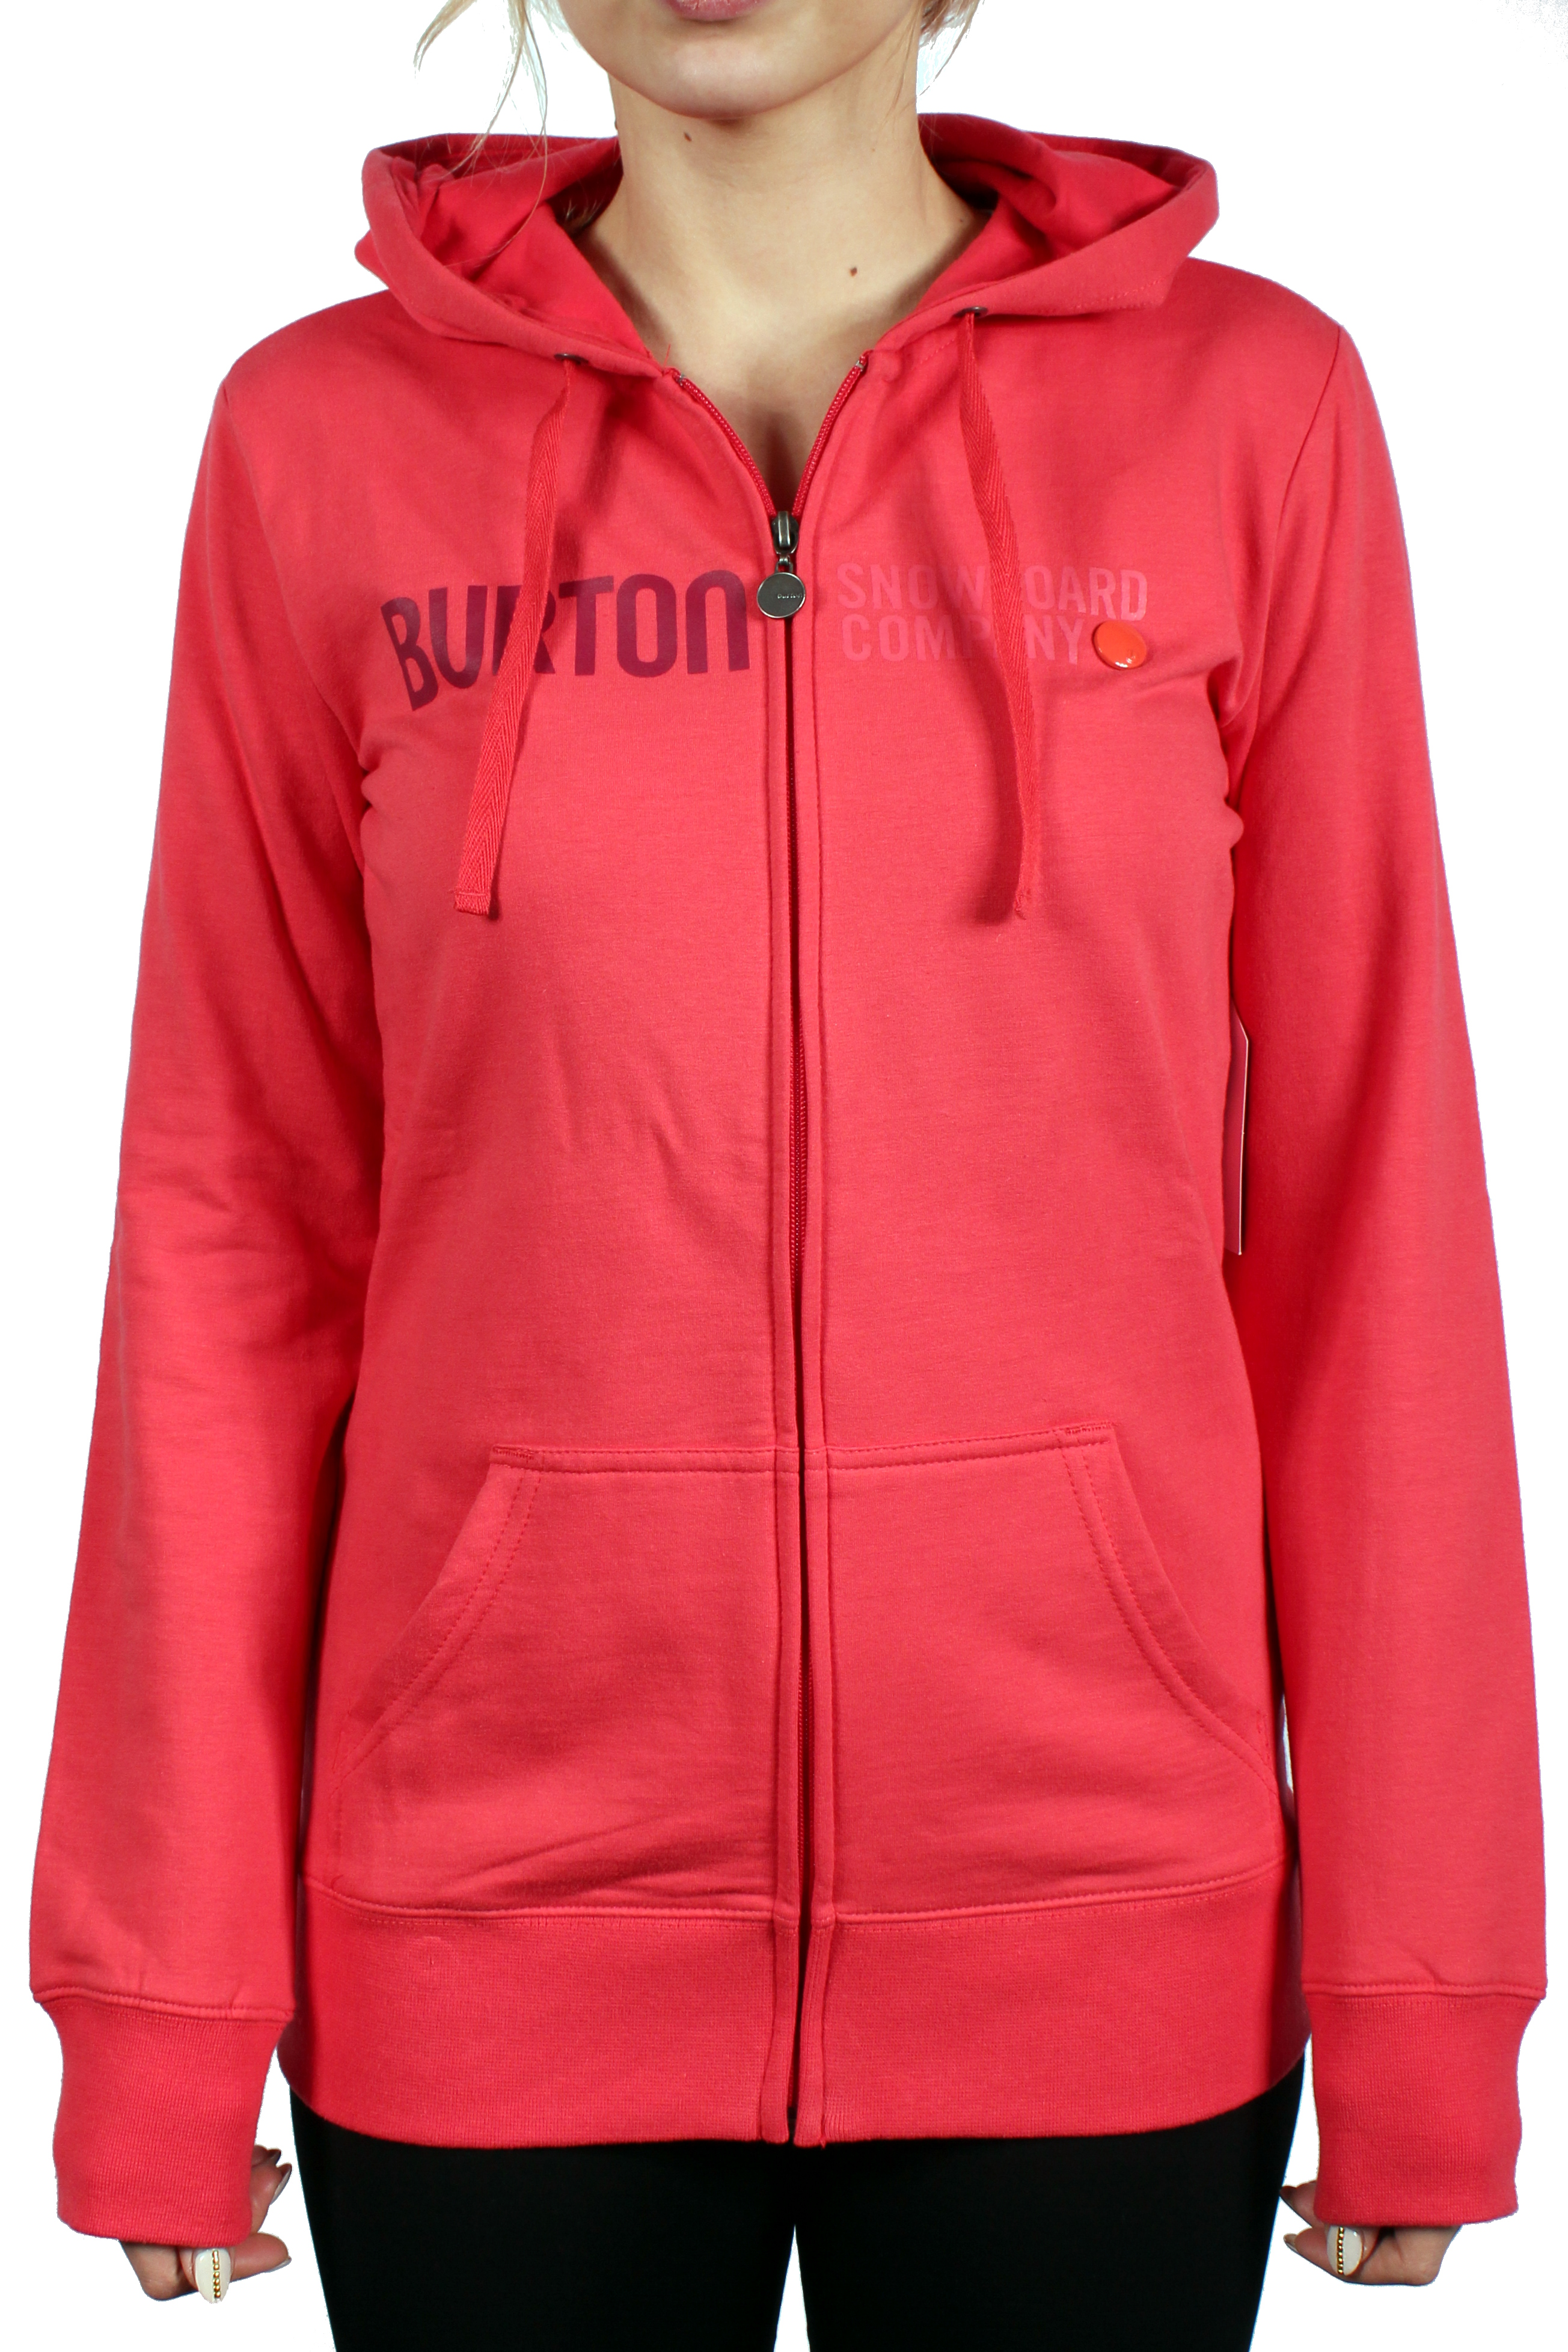 Bluza Burton Logo Classic (Fox Hunt)